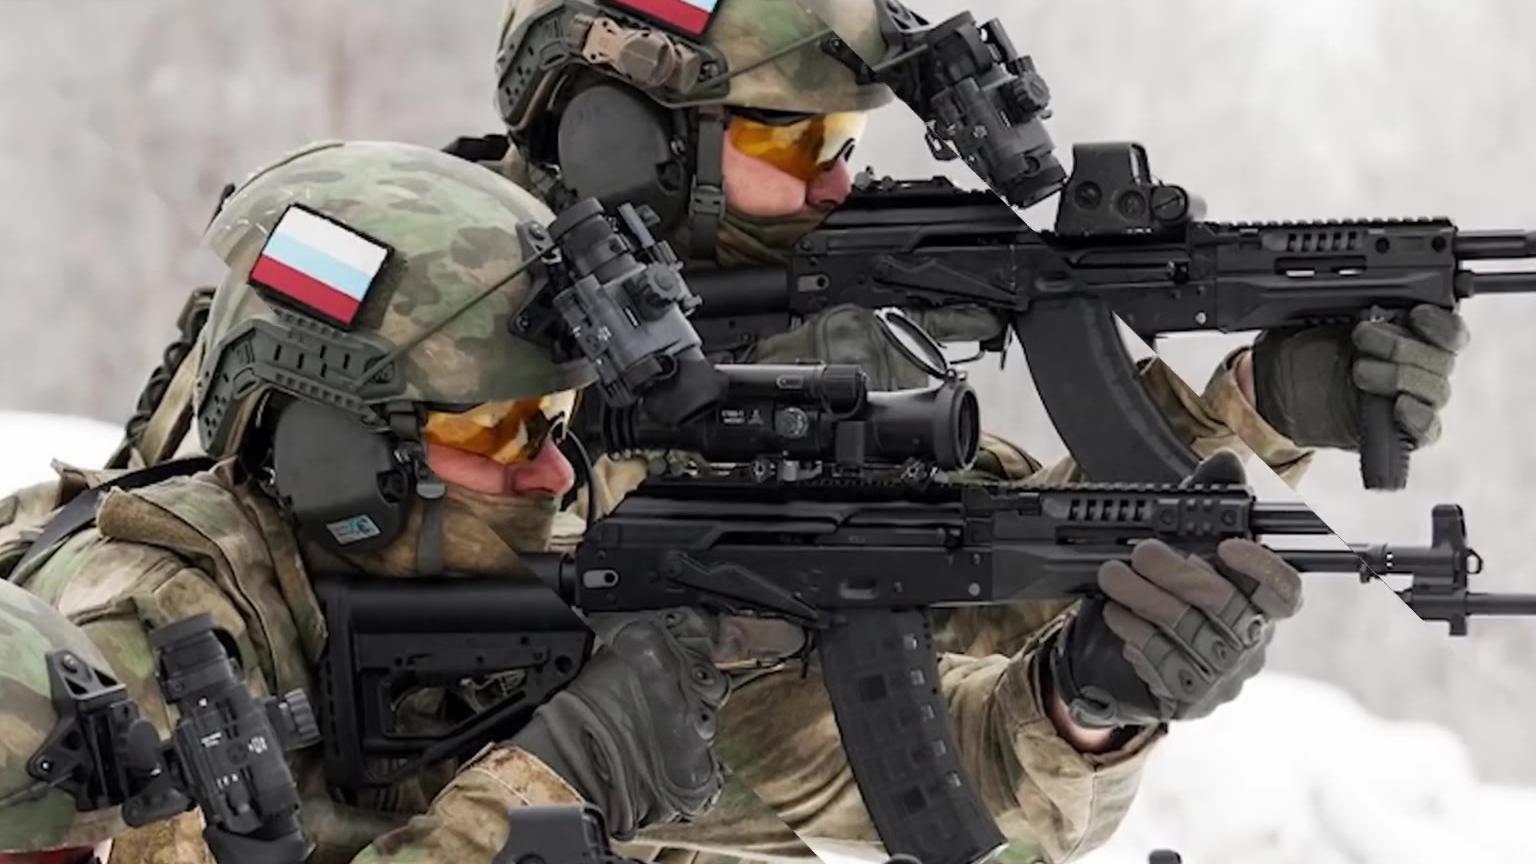 俄罗斯AK-12突击步枪宣传视频